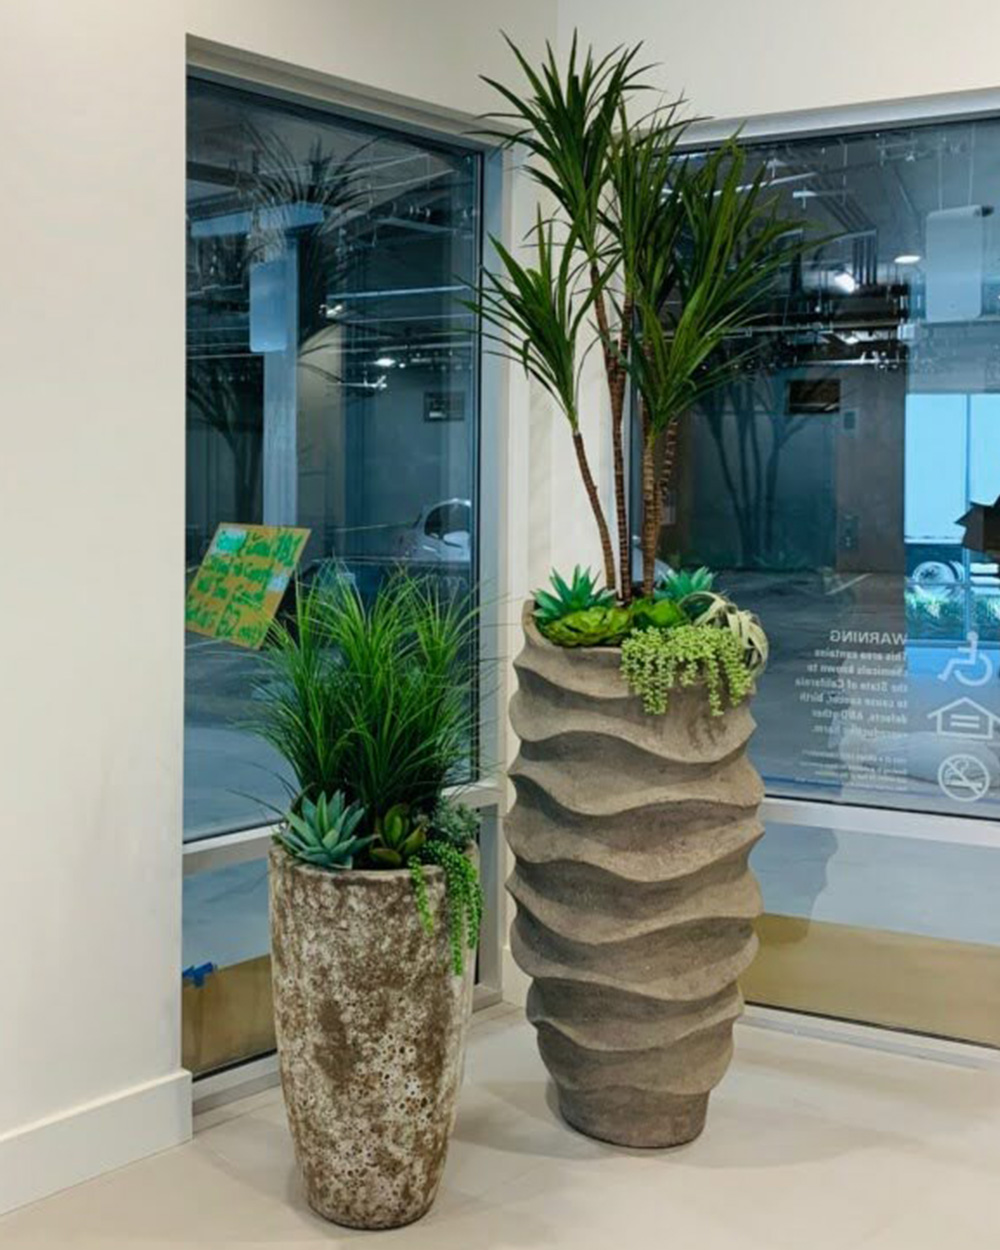 Concrete pots with plants